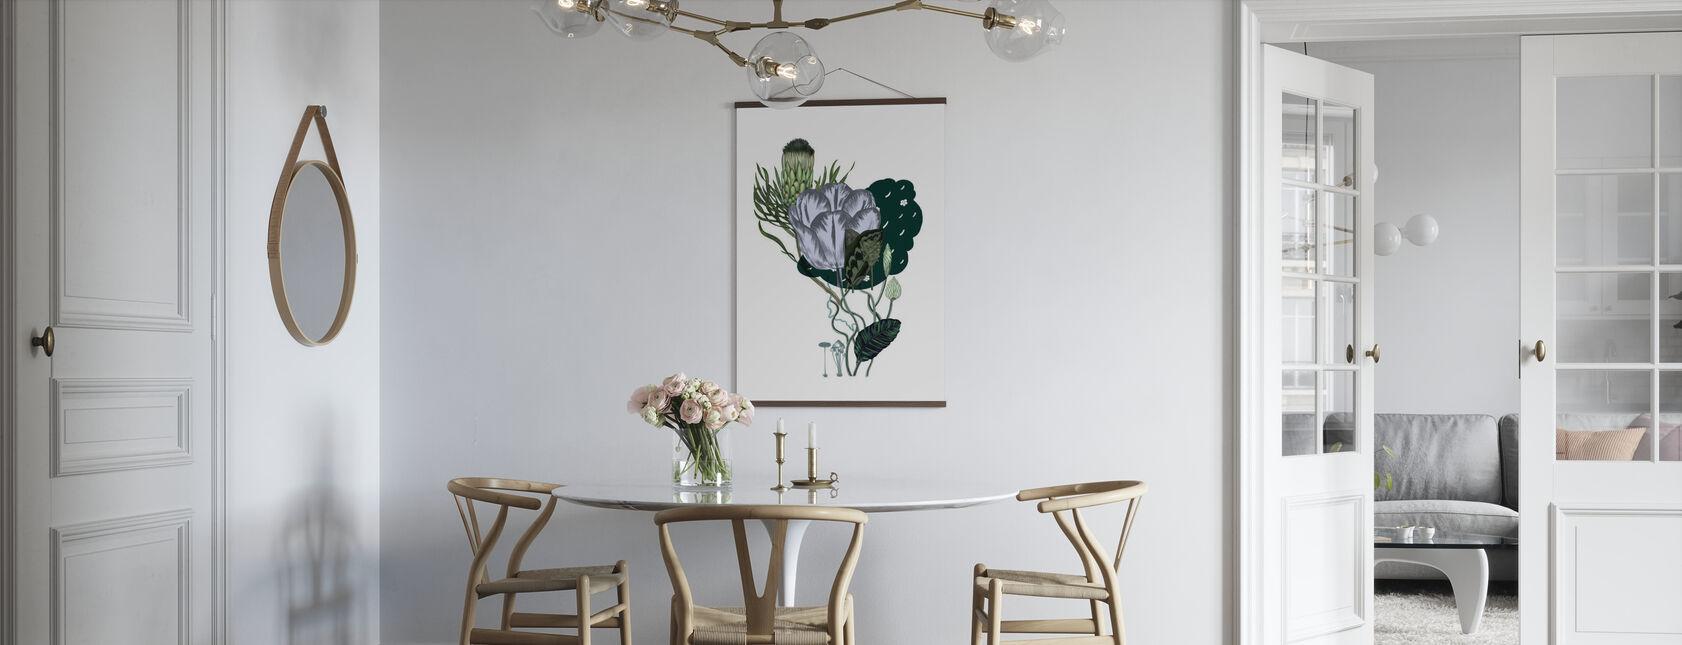 Artischockenstrauß - Poster - Küchen